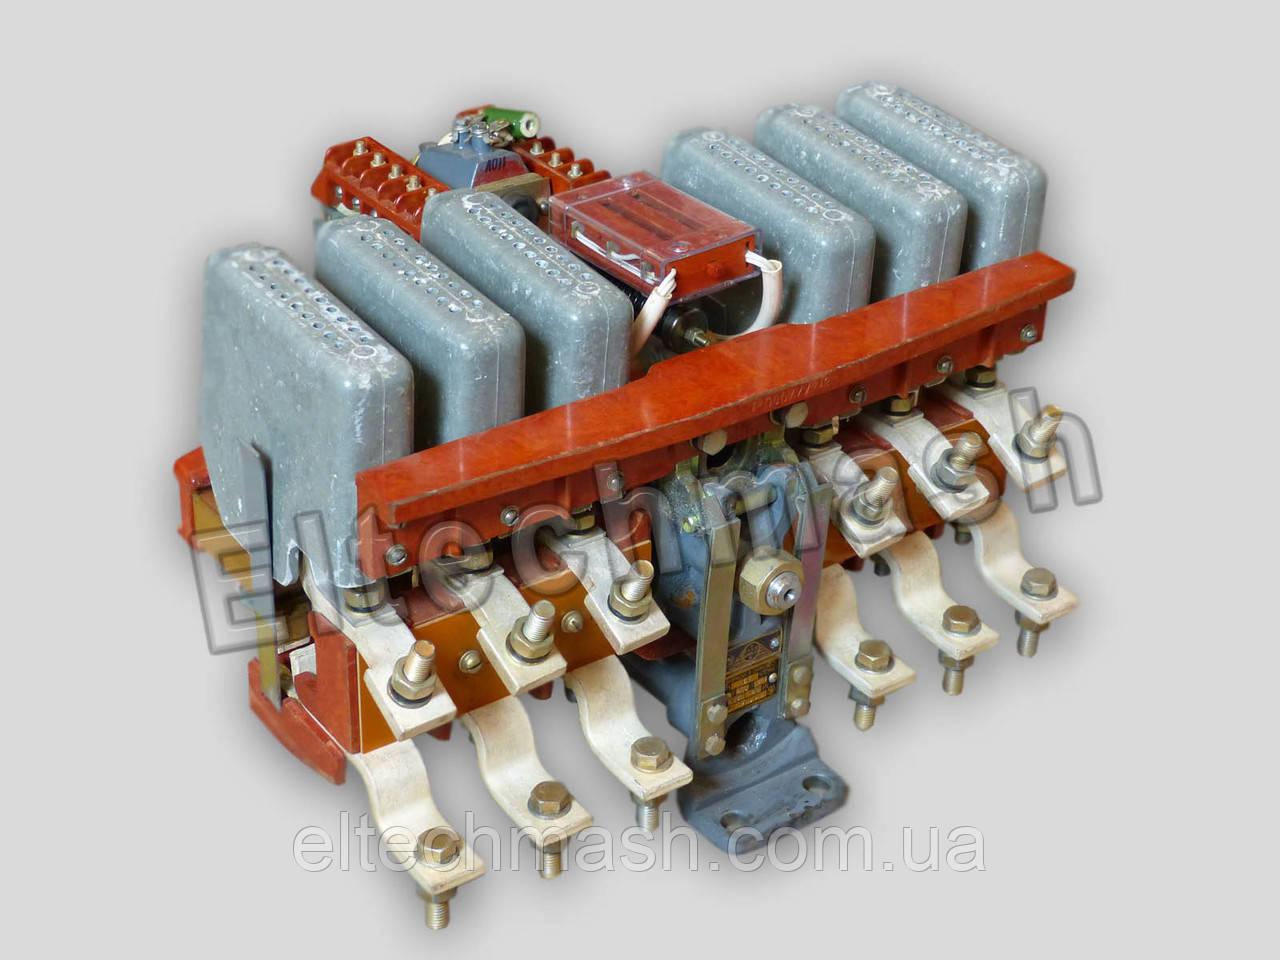 ПК-1616А У2, контактор, (ИАКВ.644665.001-20, ИАКВ.644665.001-52)